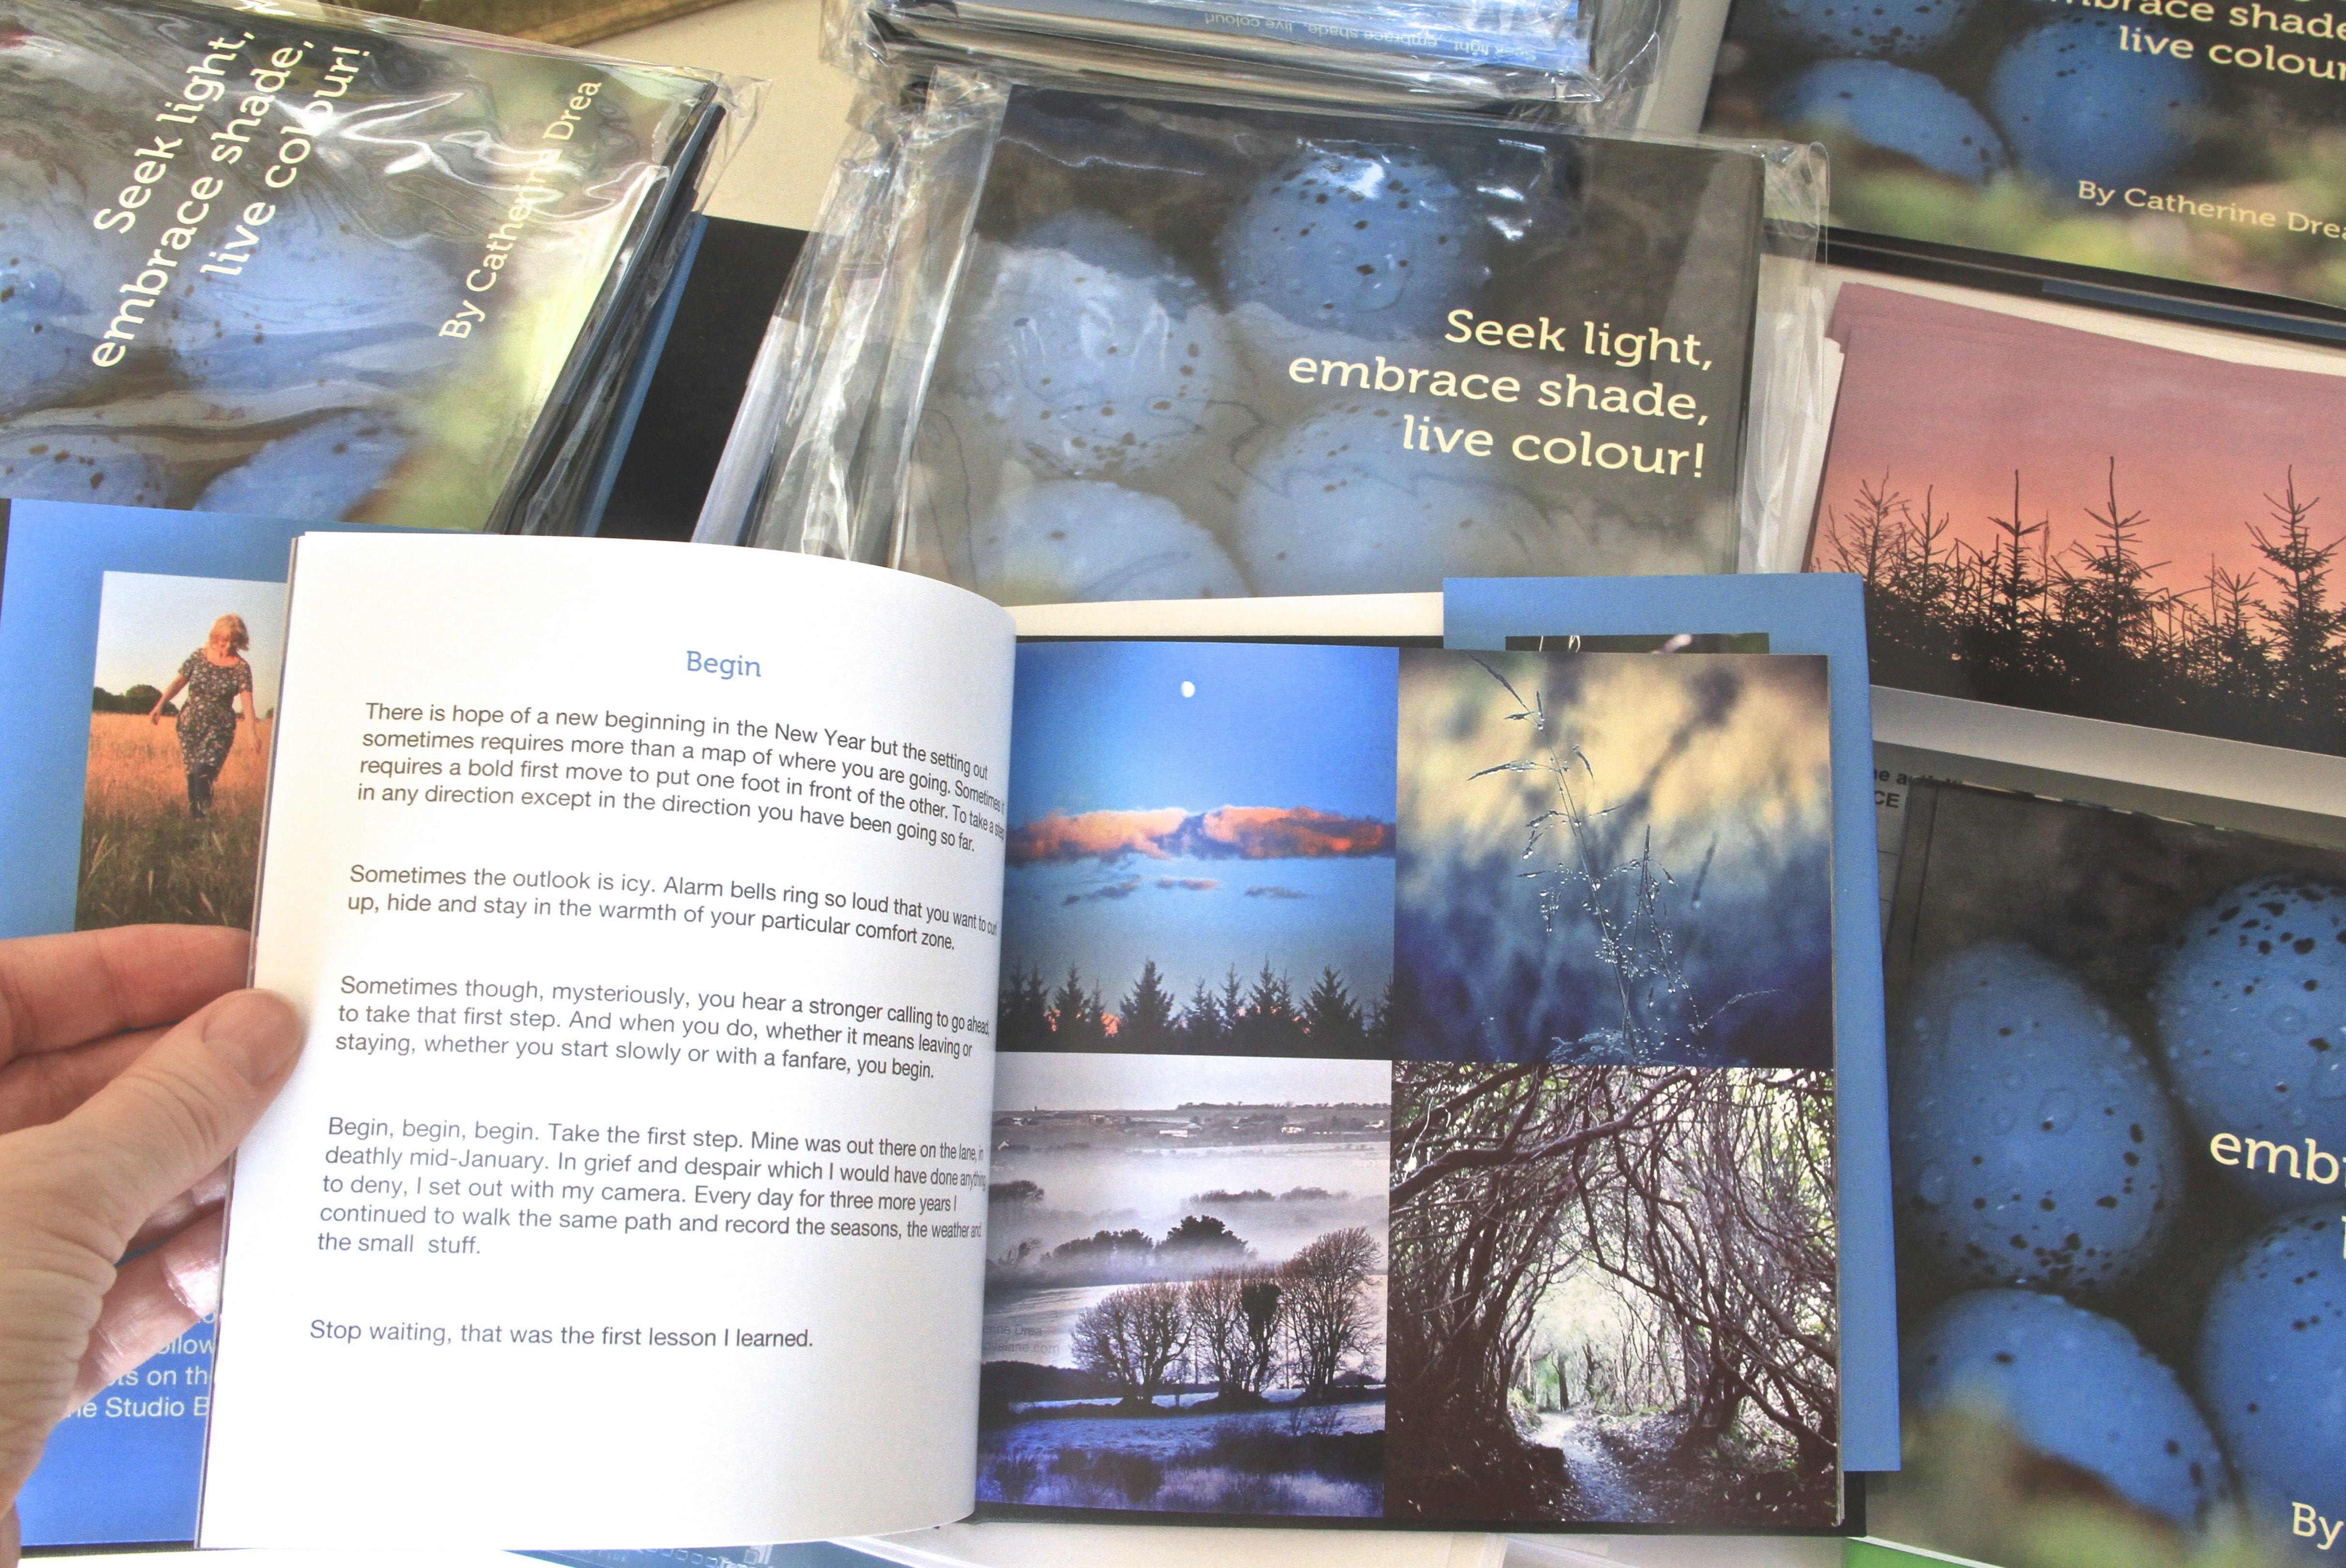 irish christmas gift ideas irelands foxglove lanes book seek light embrace shade live colour